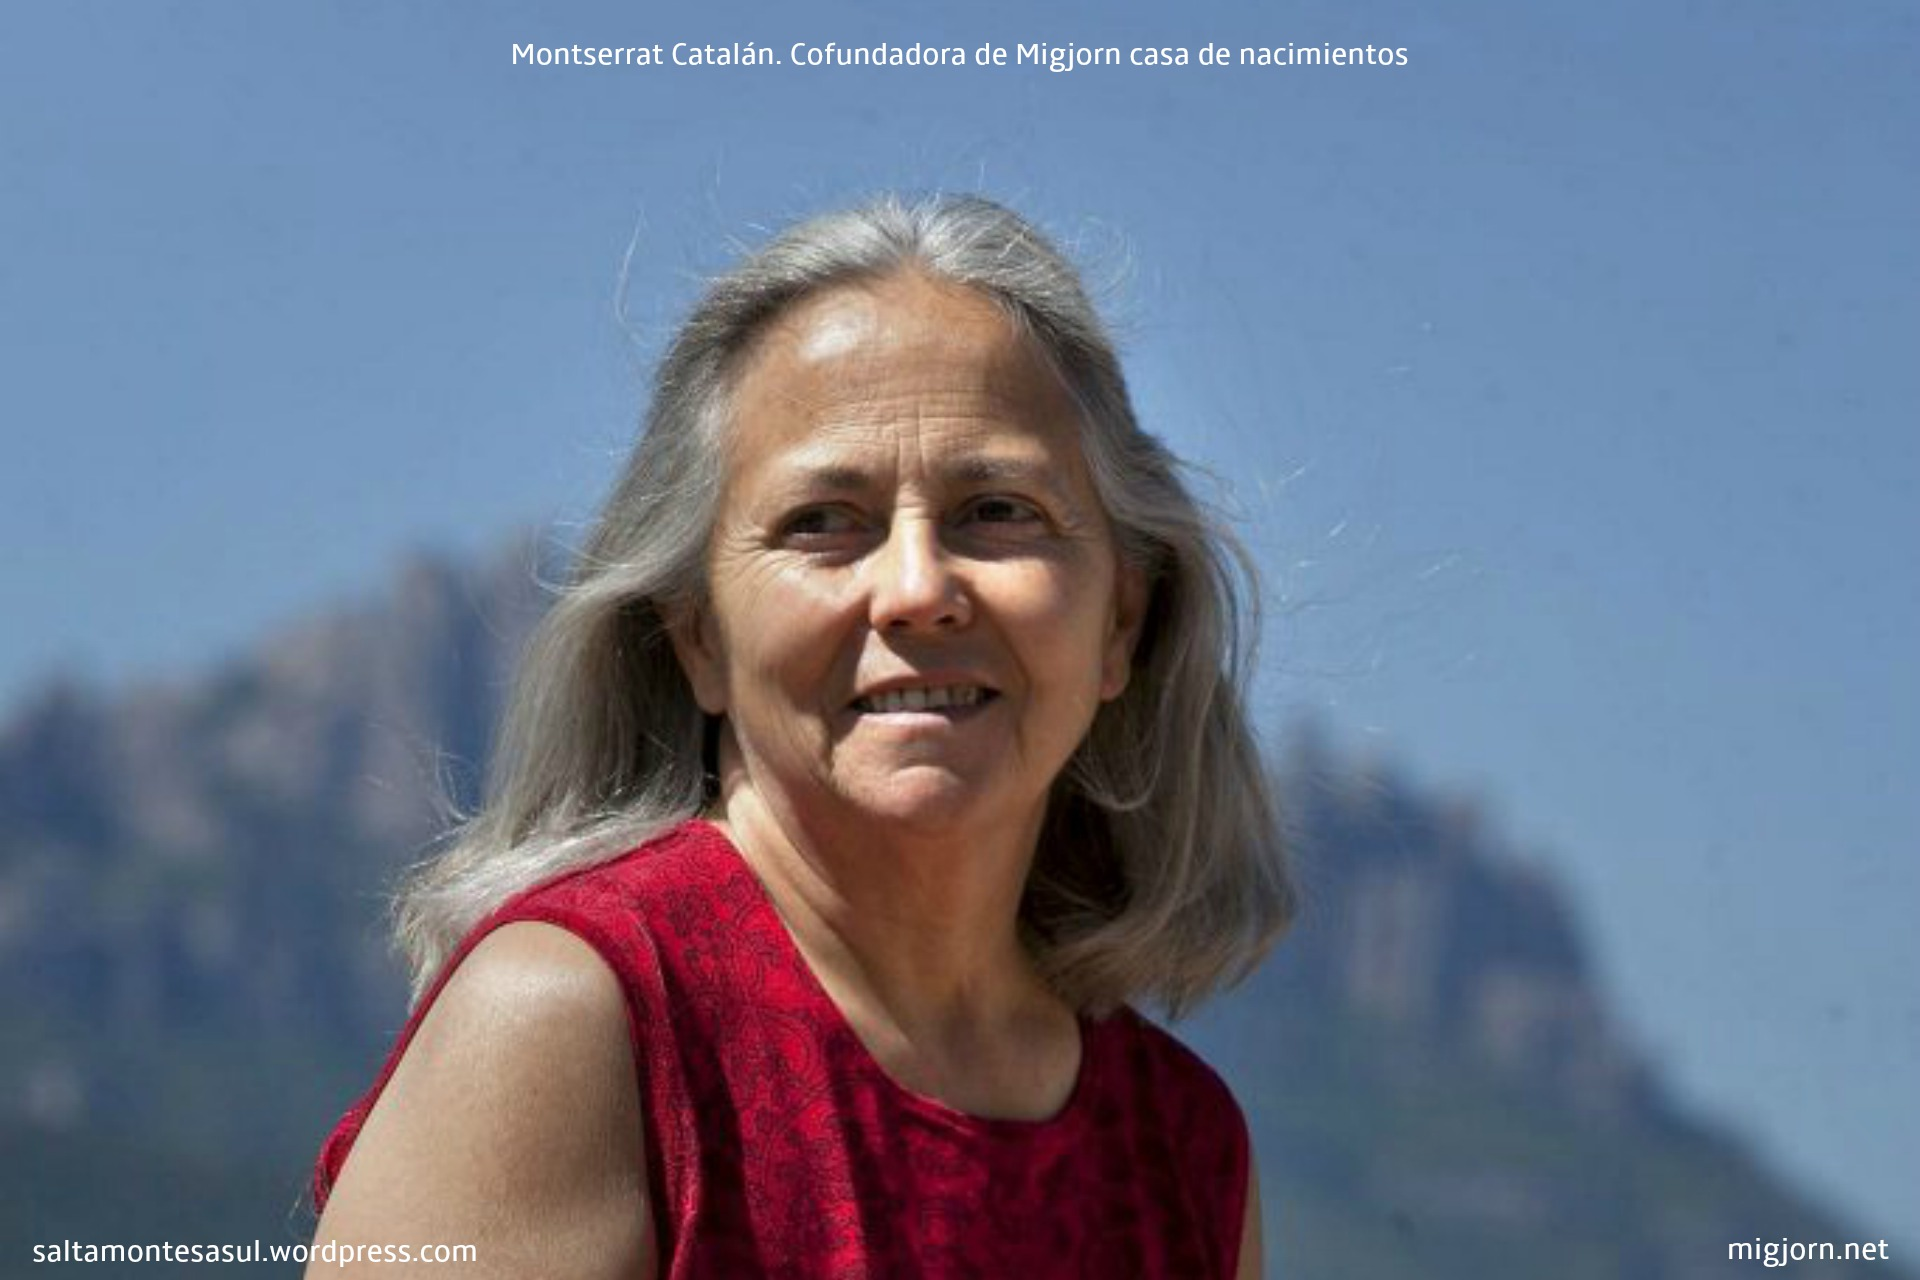 Montse Catalán con criaturas